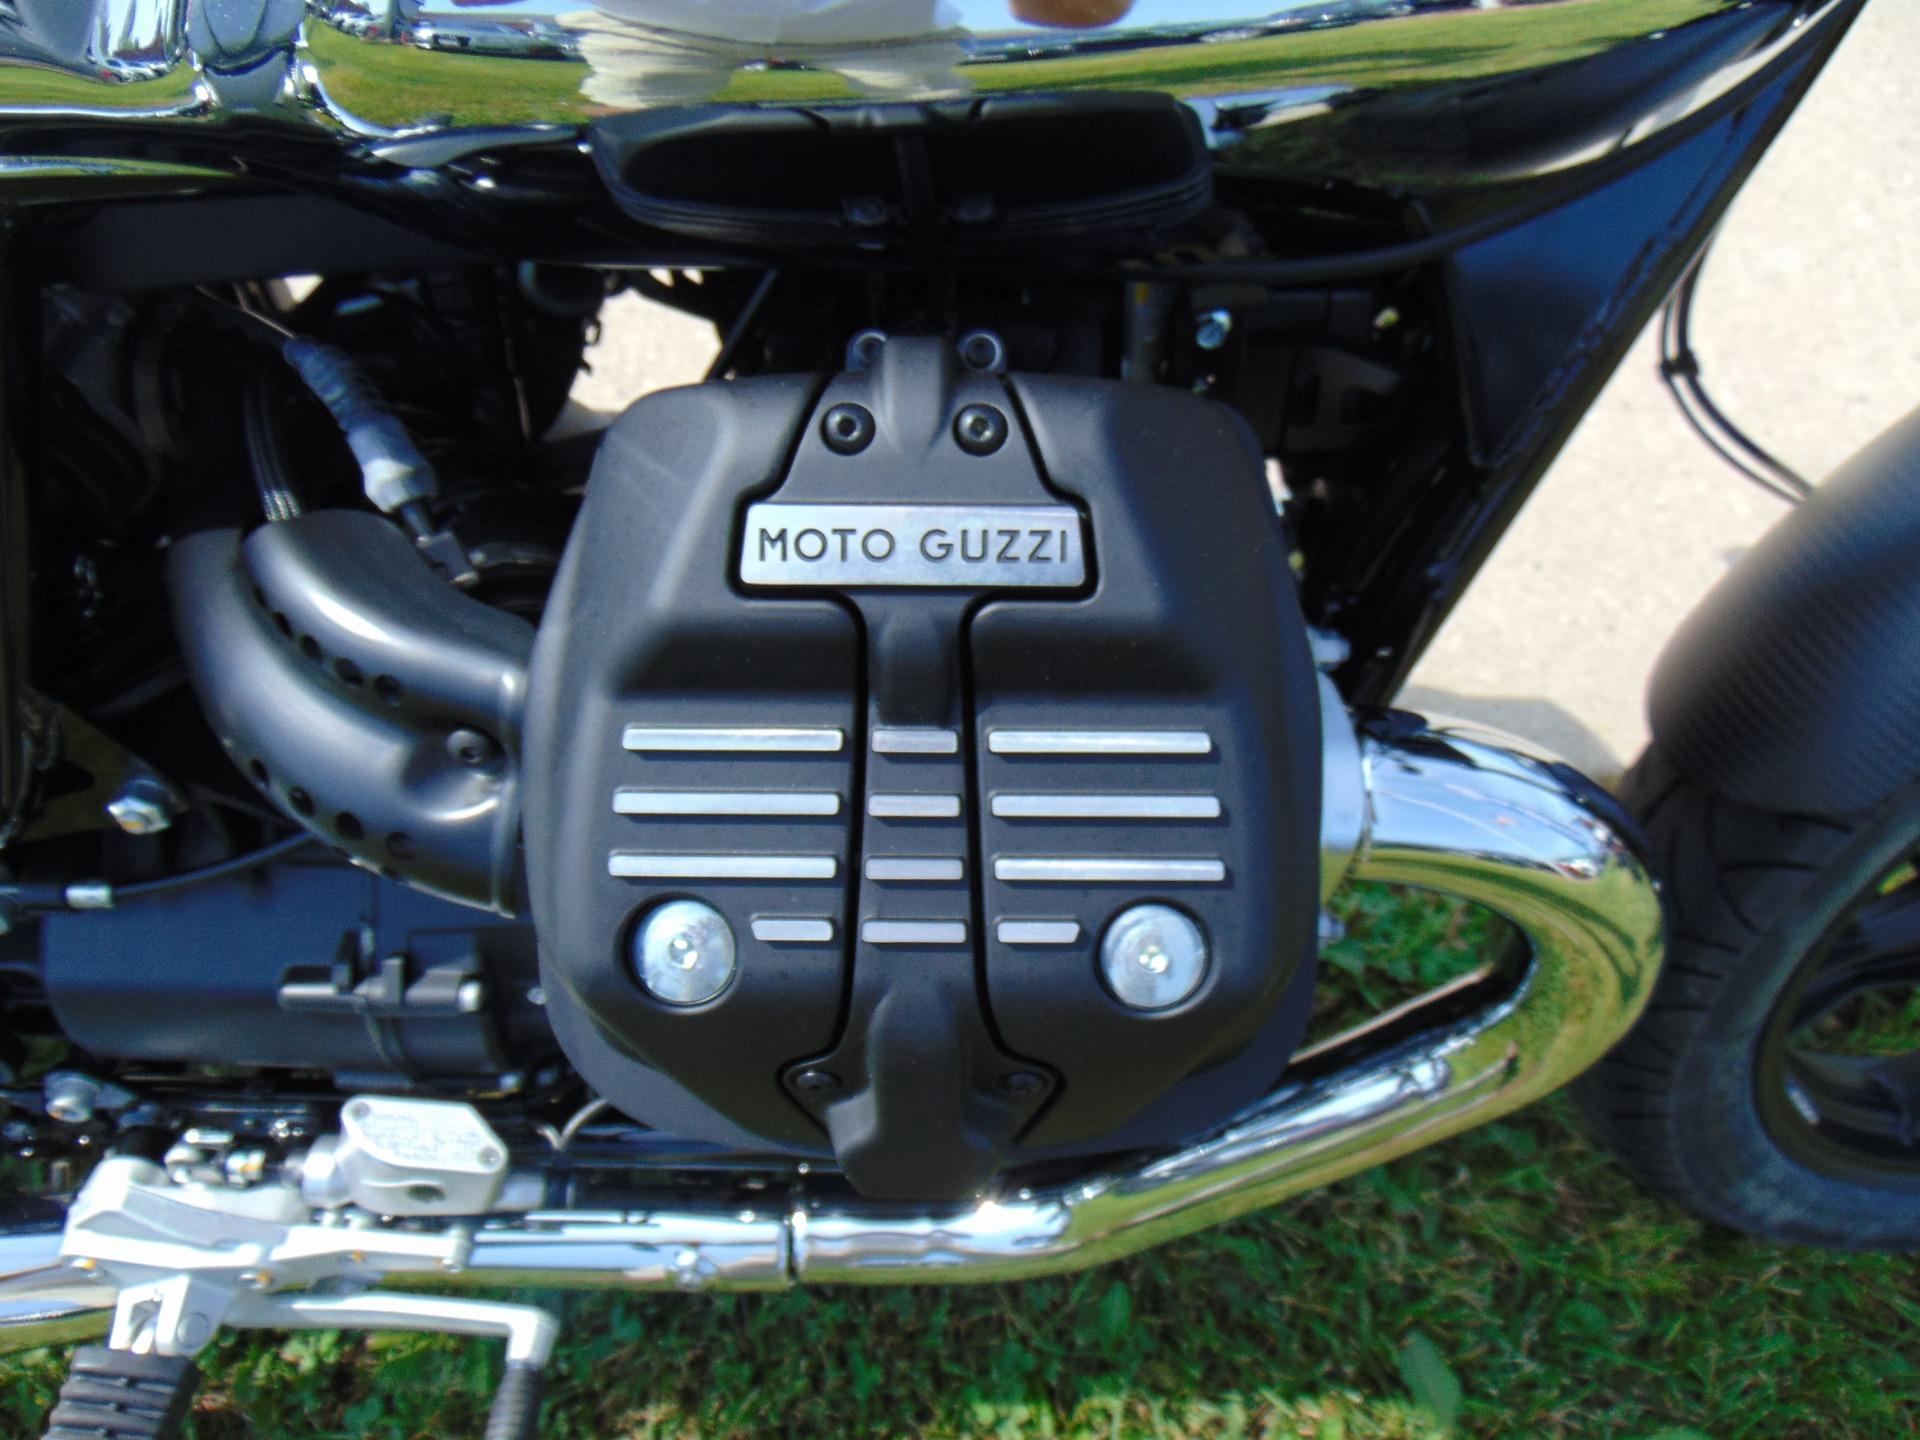 New-2018-MOTO-GUZZI-V7-III-CARBON-SHINE